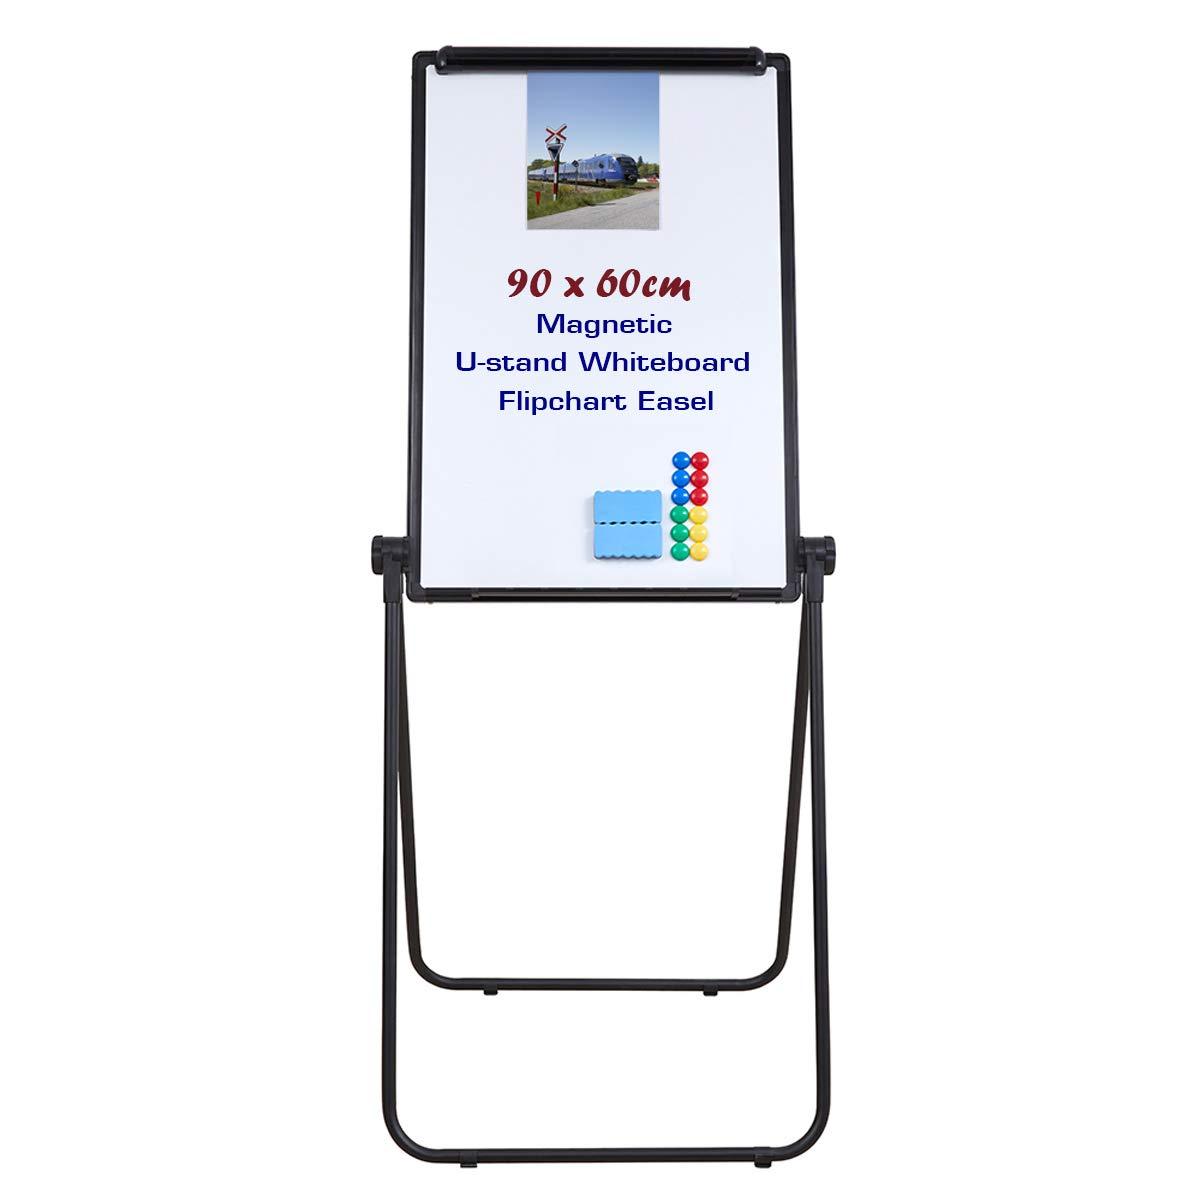 WELMORS magnétique pour tableau blanc Tableaux magnétiques tableau à feuilles effaçables Chevalet de conférence paperboard et accessoires (plateau pour stylos, 12 aimants et 2 gommes) 90x60cm noir